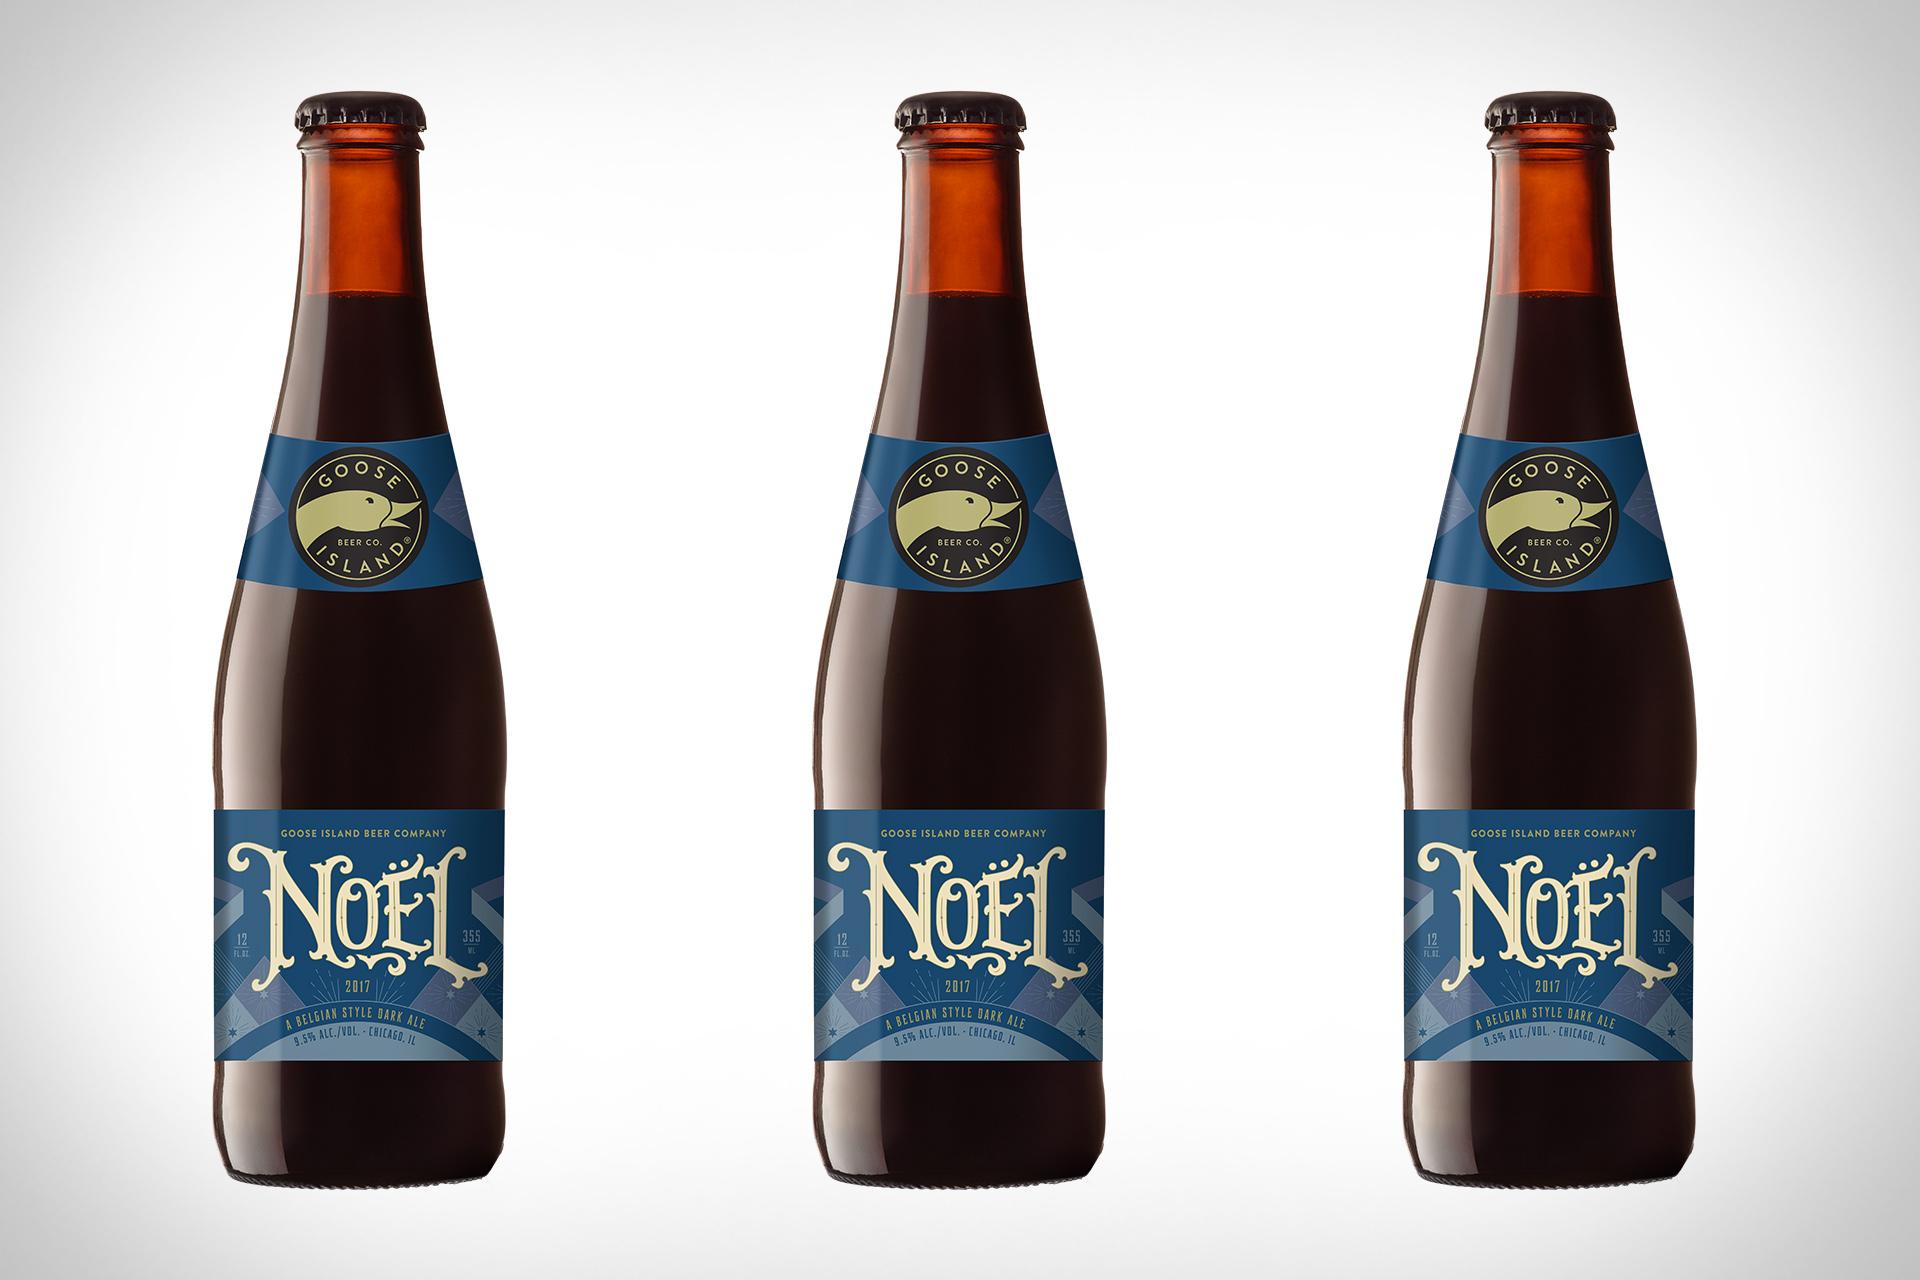 グースアイランド ノエルビール